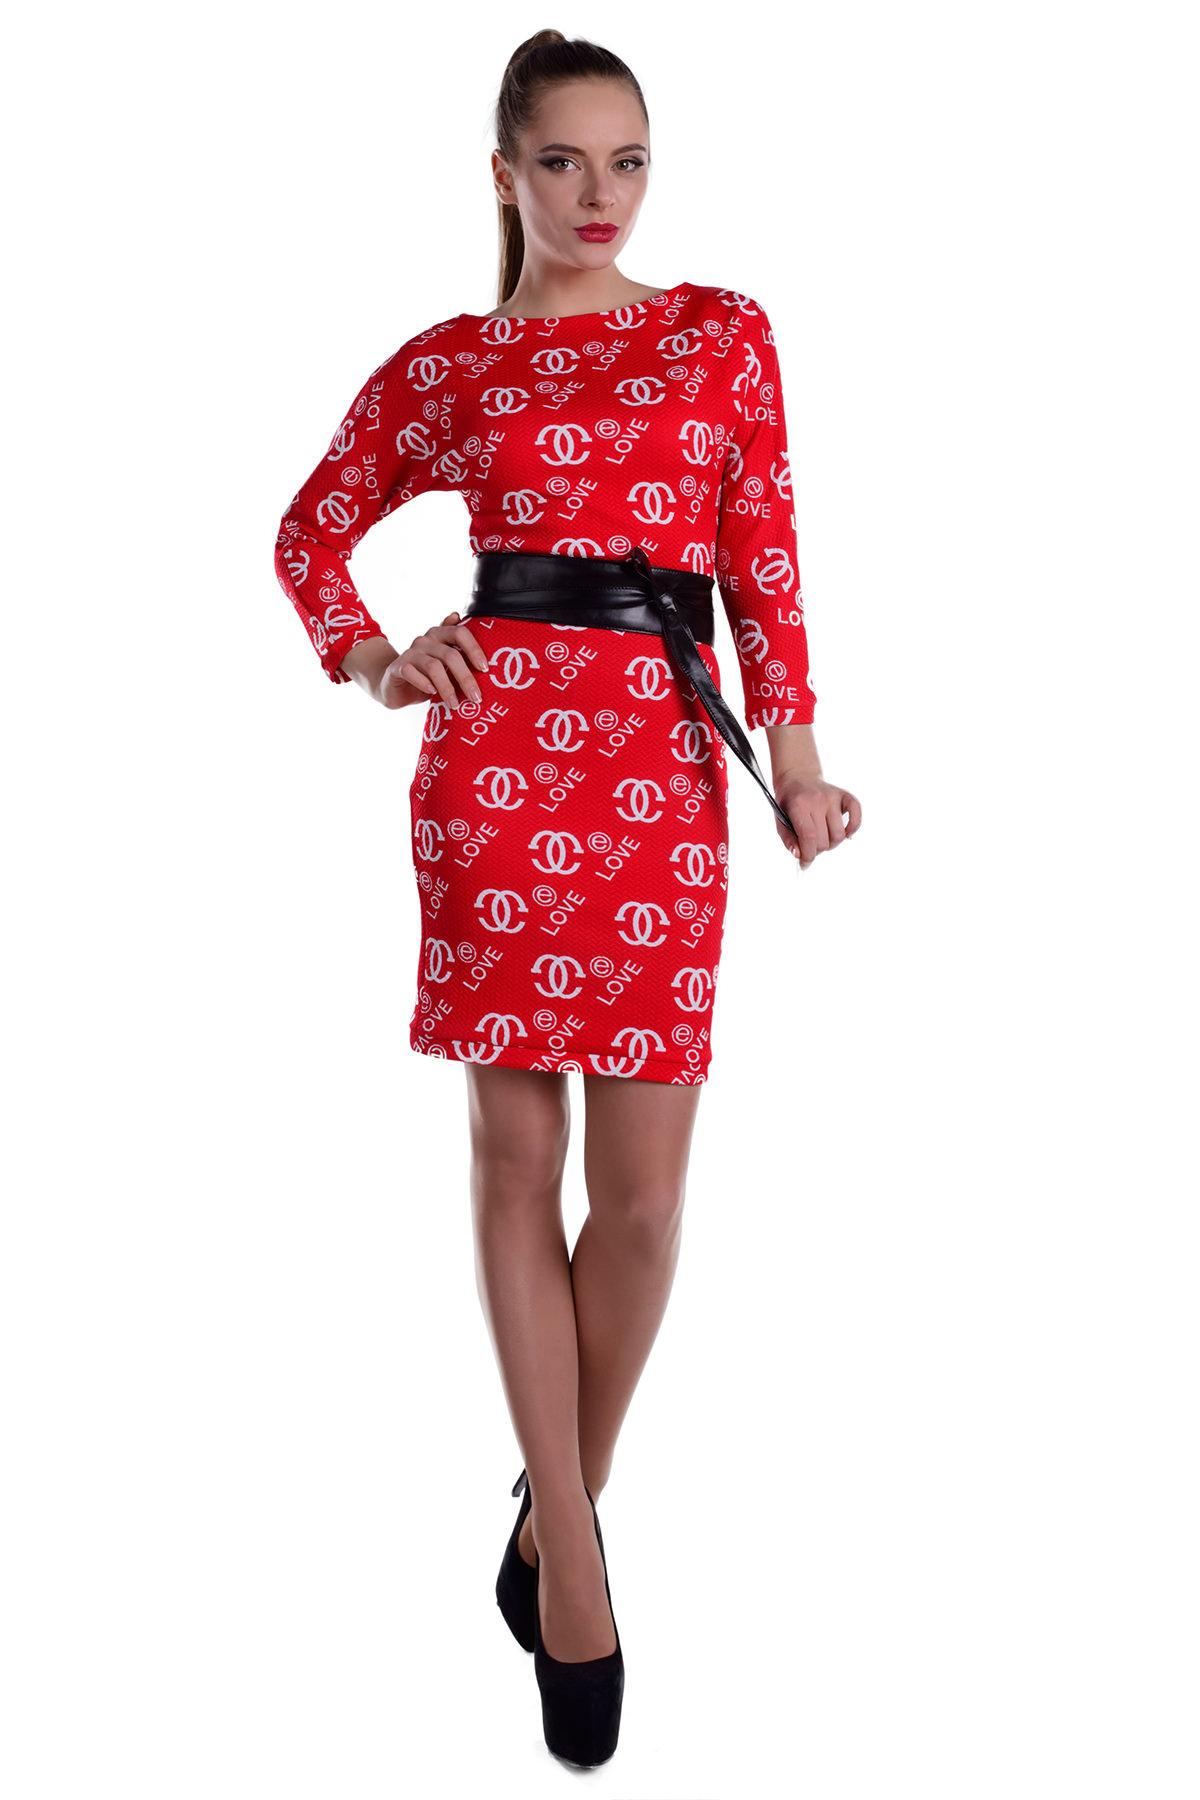 Весенние платья оптом Платье Бирма лайт 4940